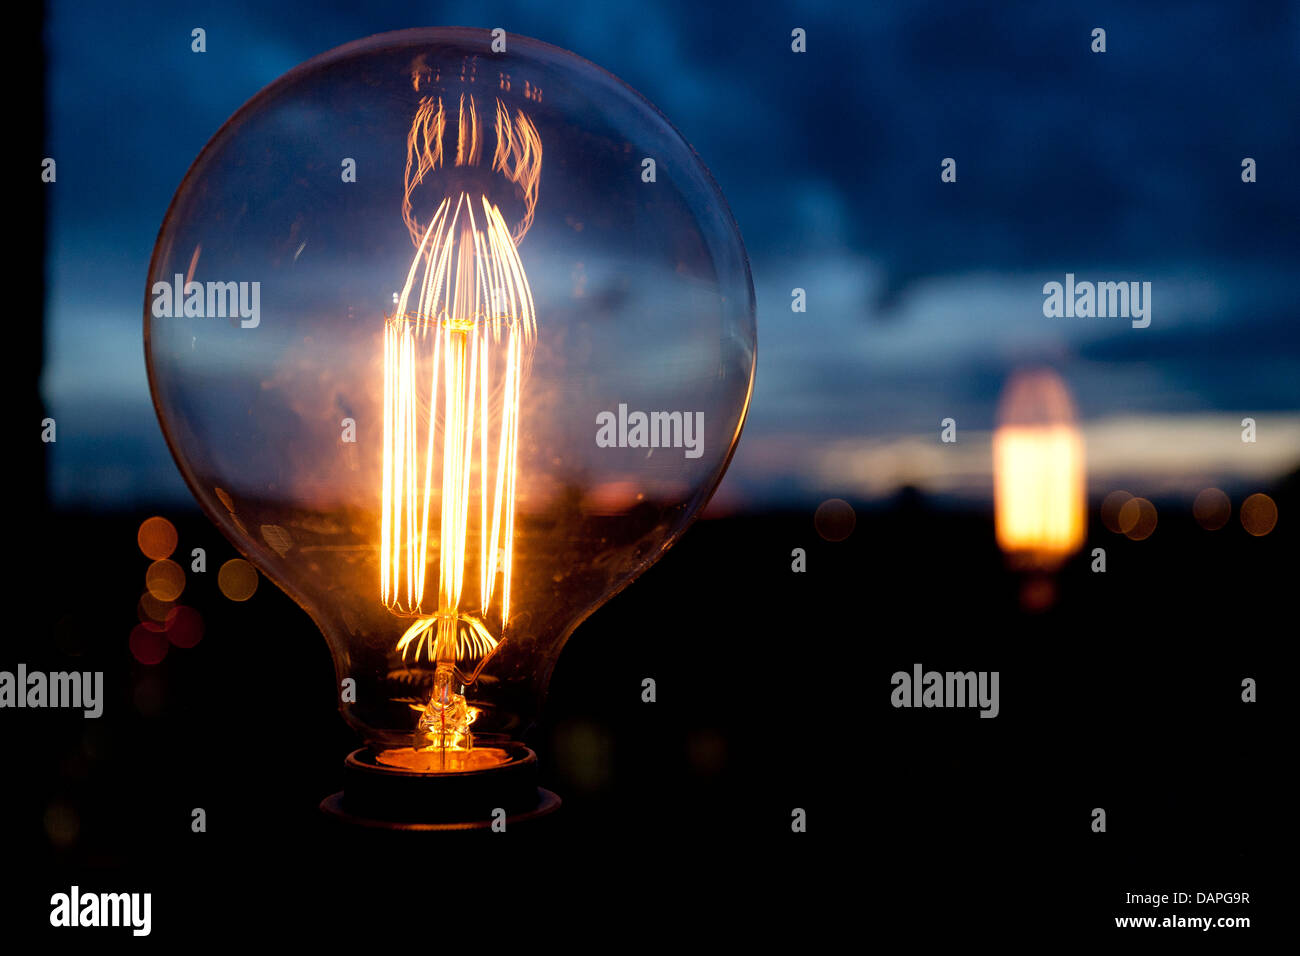 Cerca de ronda con bonitas lámparas de filamentos, puesta de sol y los reflejos de luz en el fondo, el paisaje. Imagen De Stock